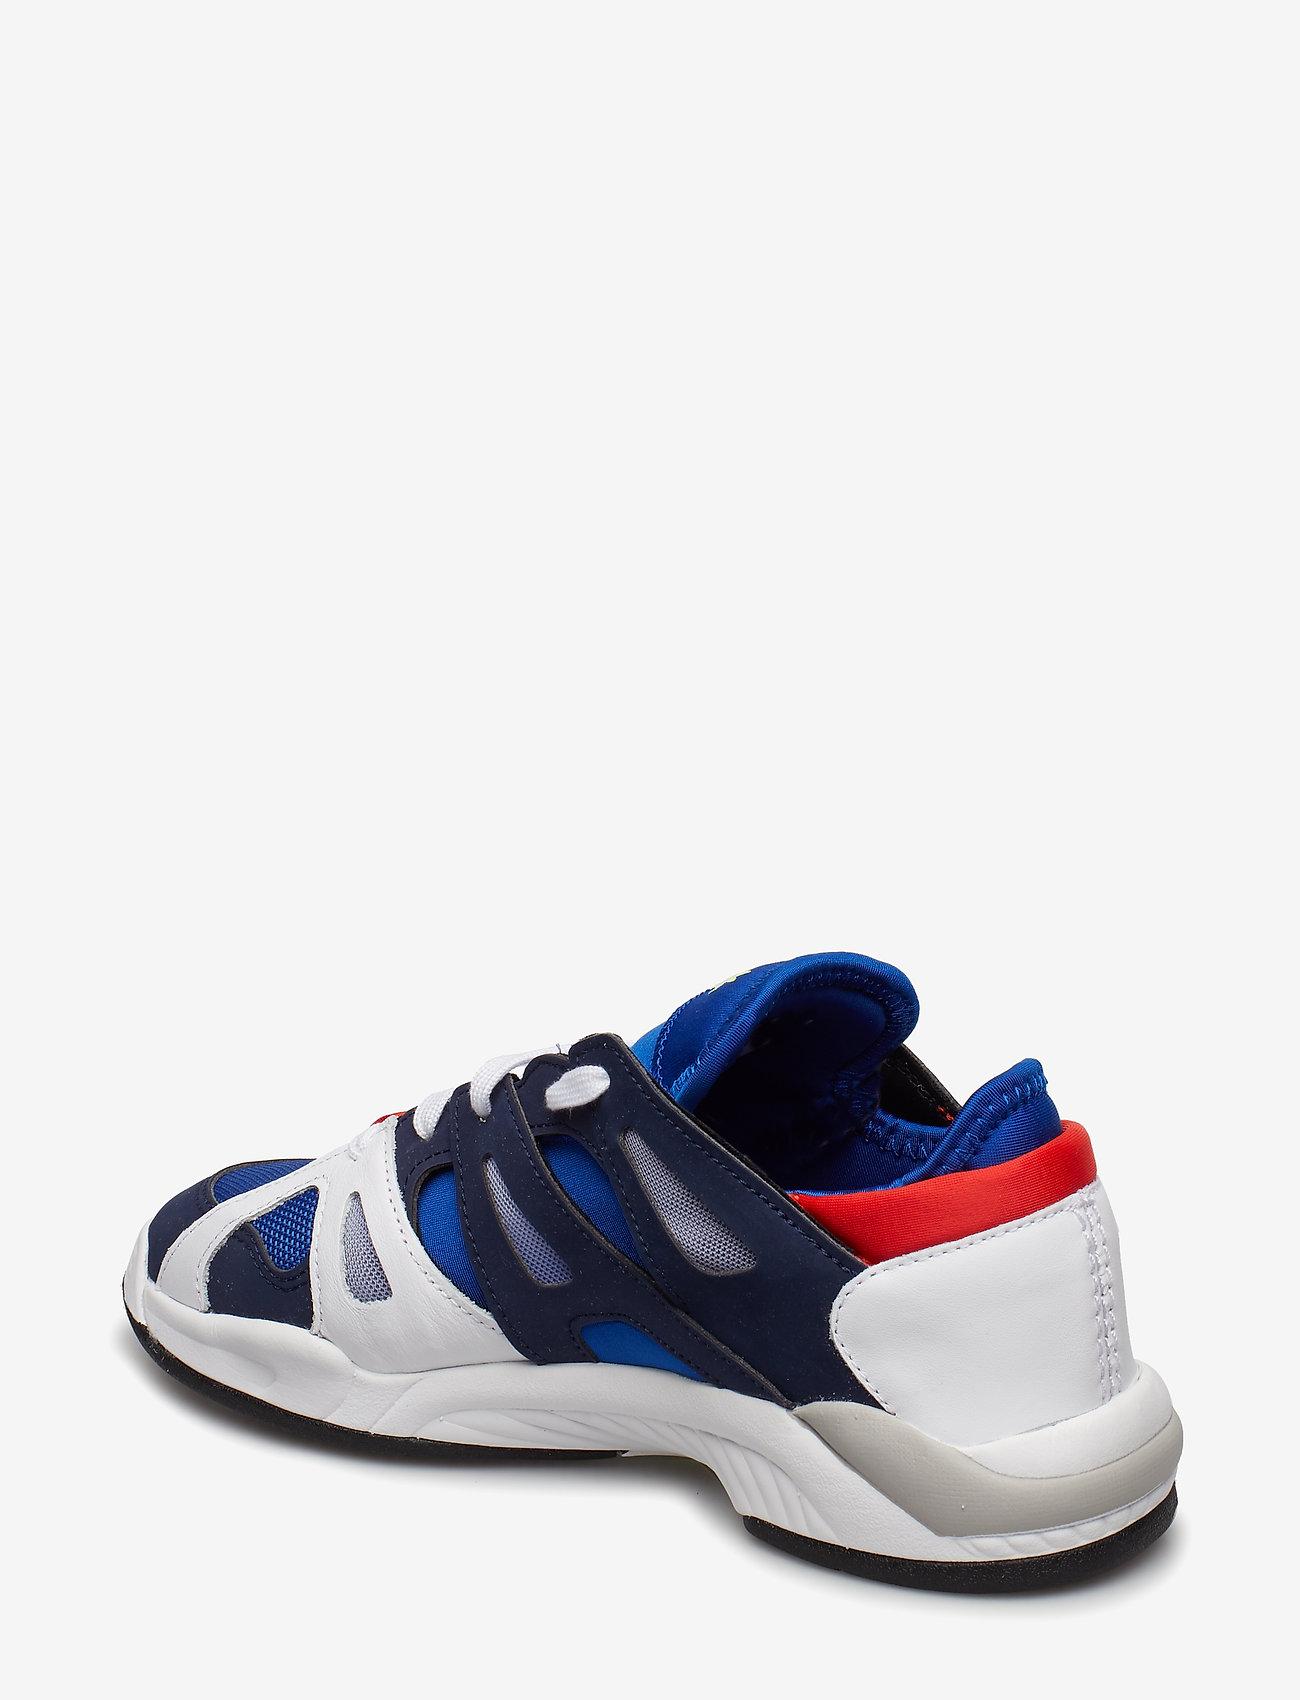 Dimension Lo (Croyal/conavy/ftwwht) - adidas Originals